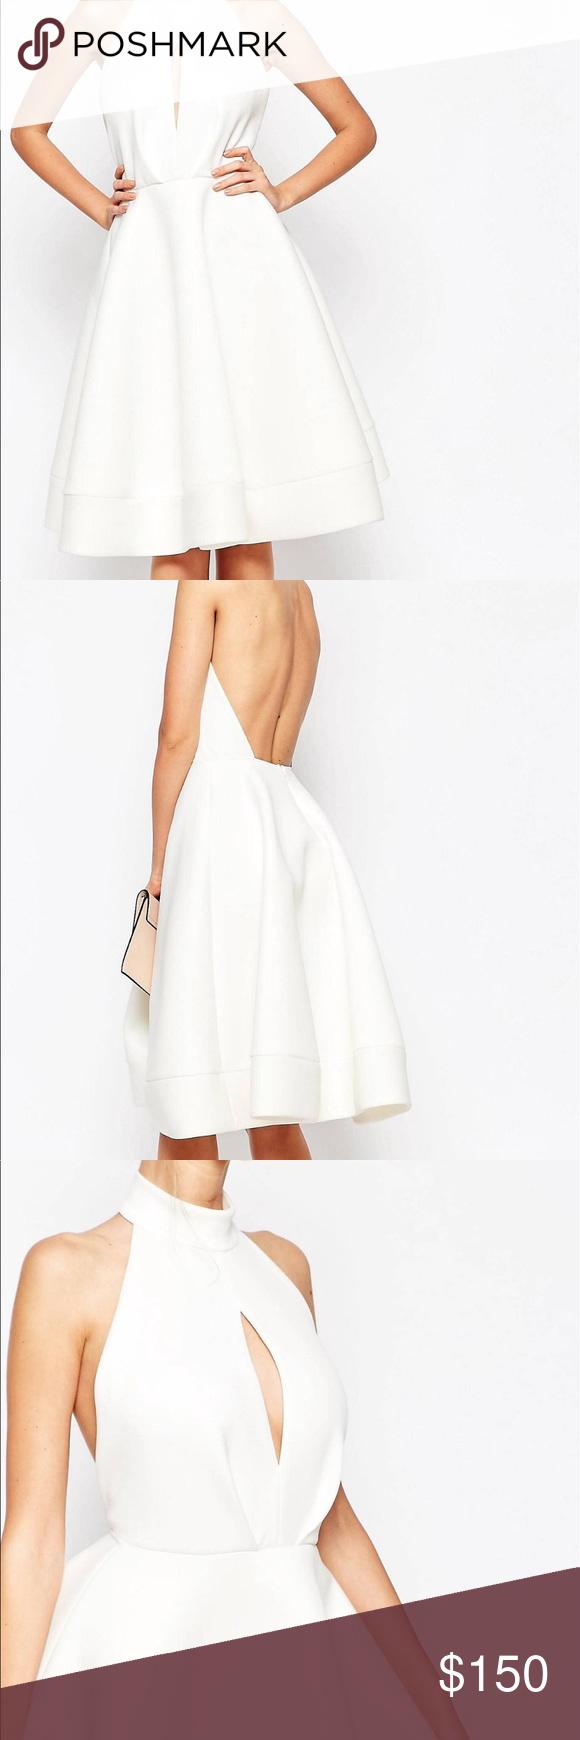 50++ Asos white halter neck dress inspirations